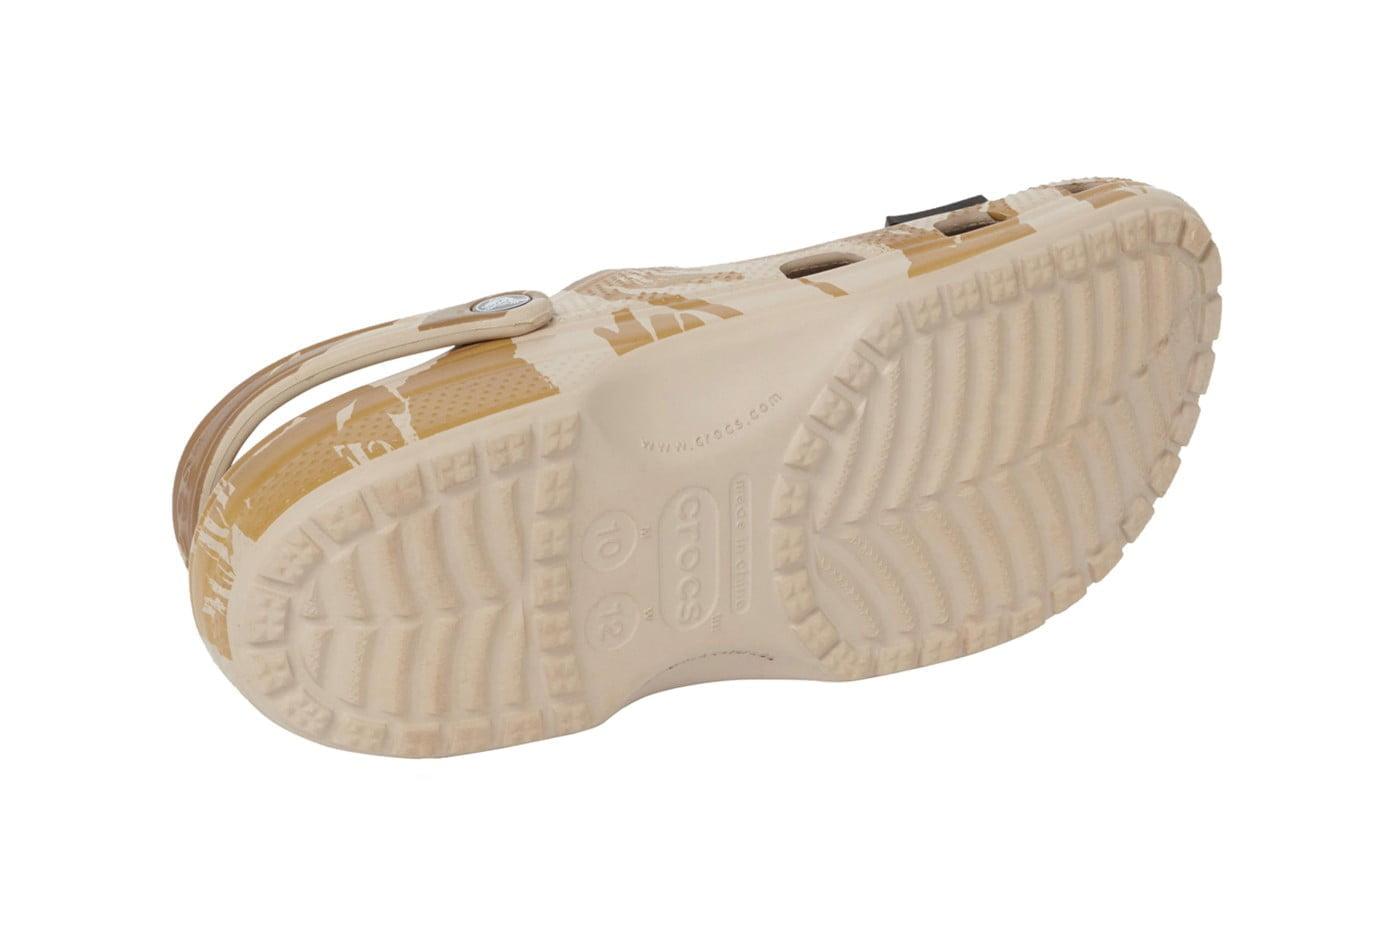 Palace Crocs 05 Palace x Crocs